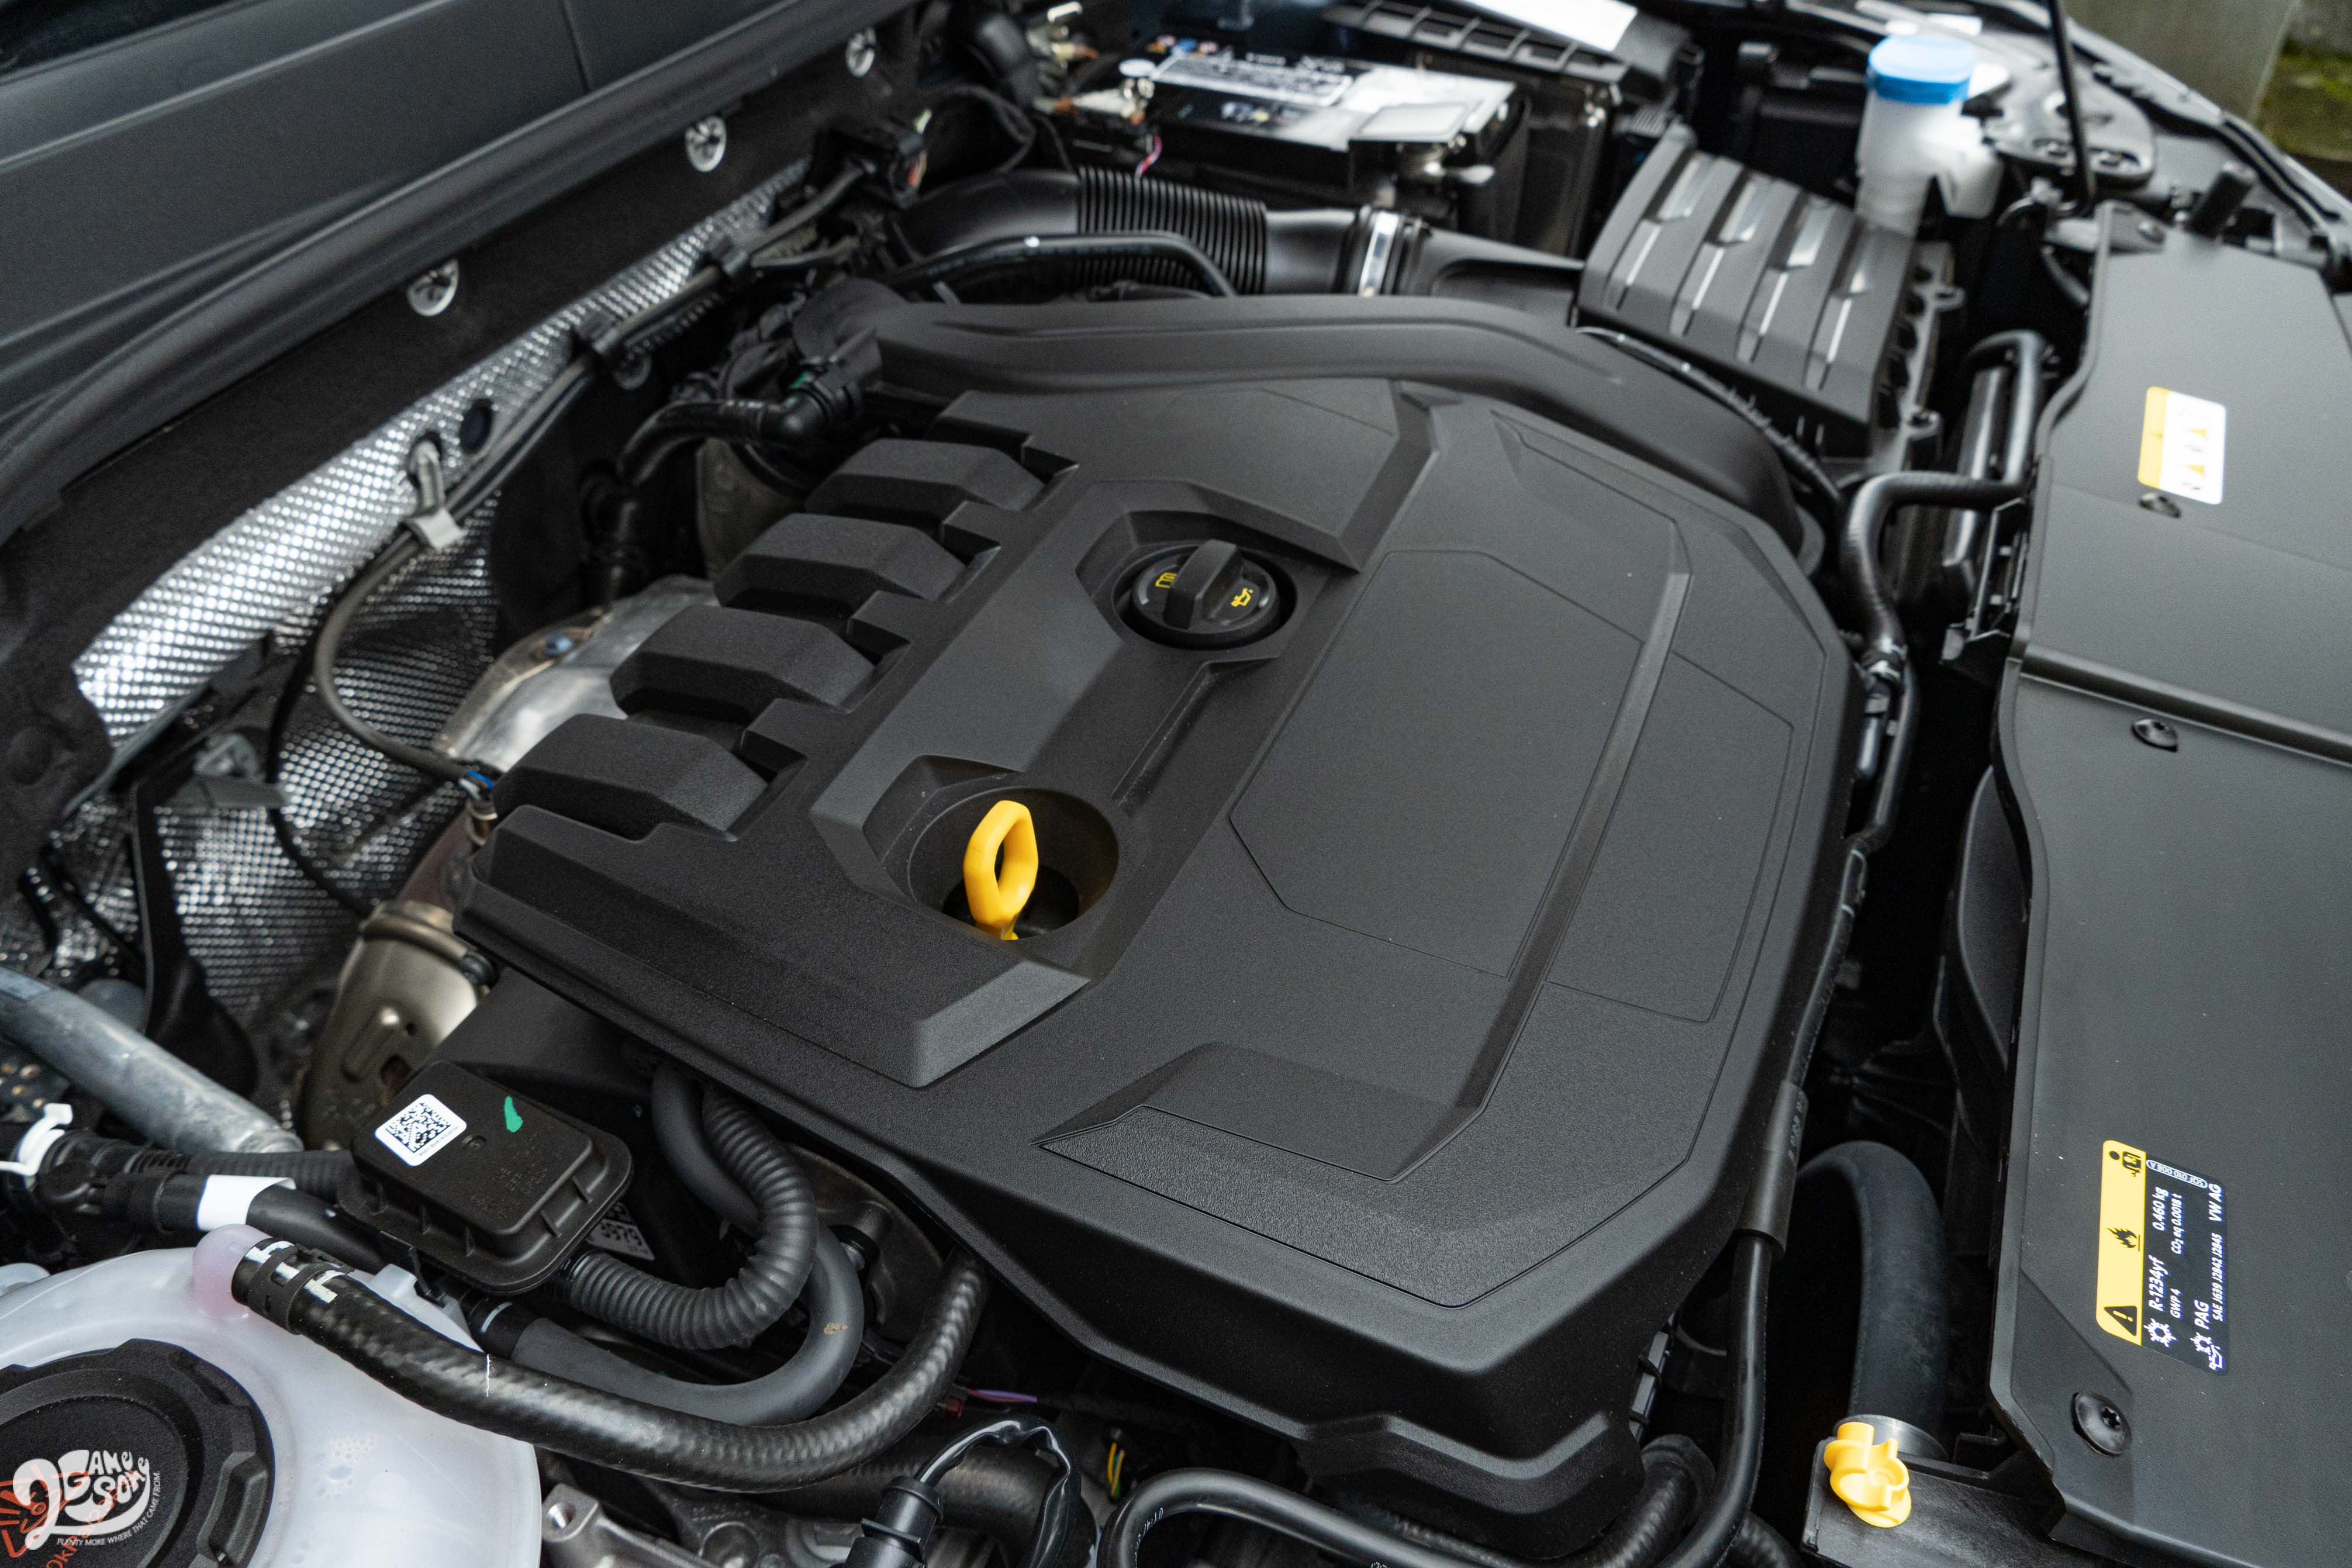 搭載原廠代號 EA211 evo 的 1.5 升渦輪增壓汽油引擎,具備150ps/5000~6000rpm 最大馬力與 25.5kgm/1500~3500rpm 最大扭力輸出。